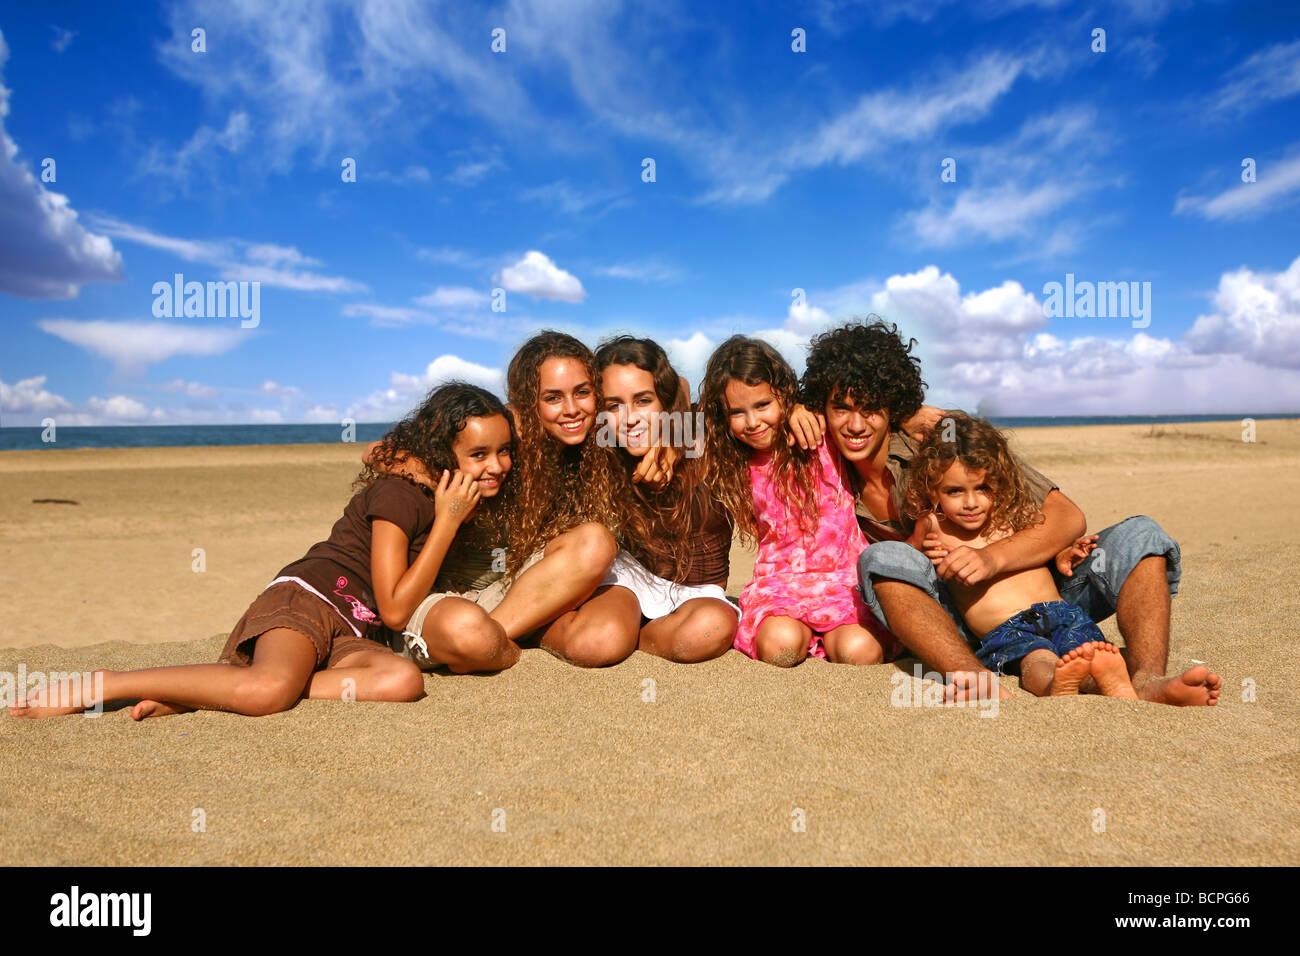 Familia de 6 niños felices, sonriendo al aire libre en la playa. Imagen De Stock